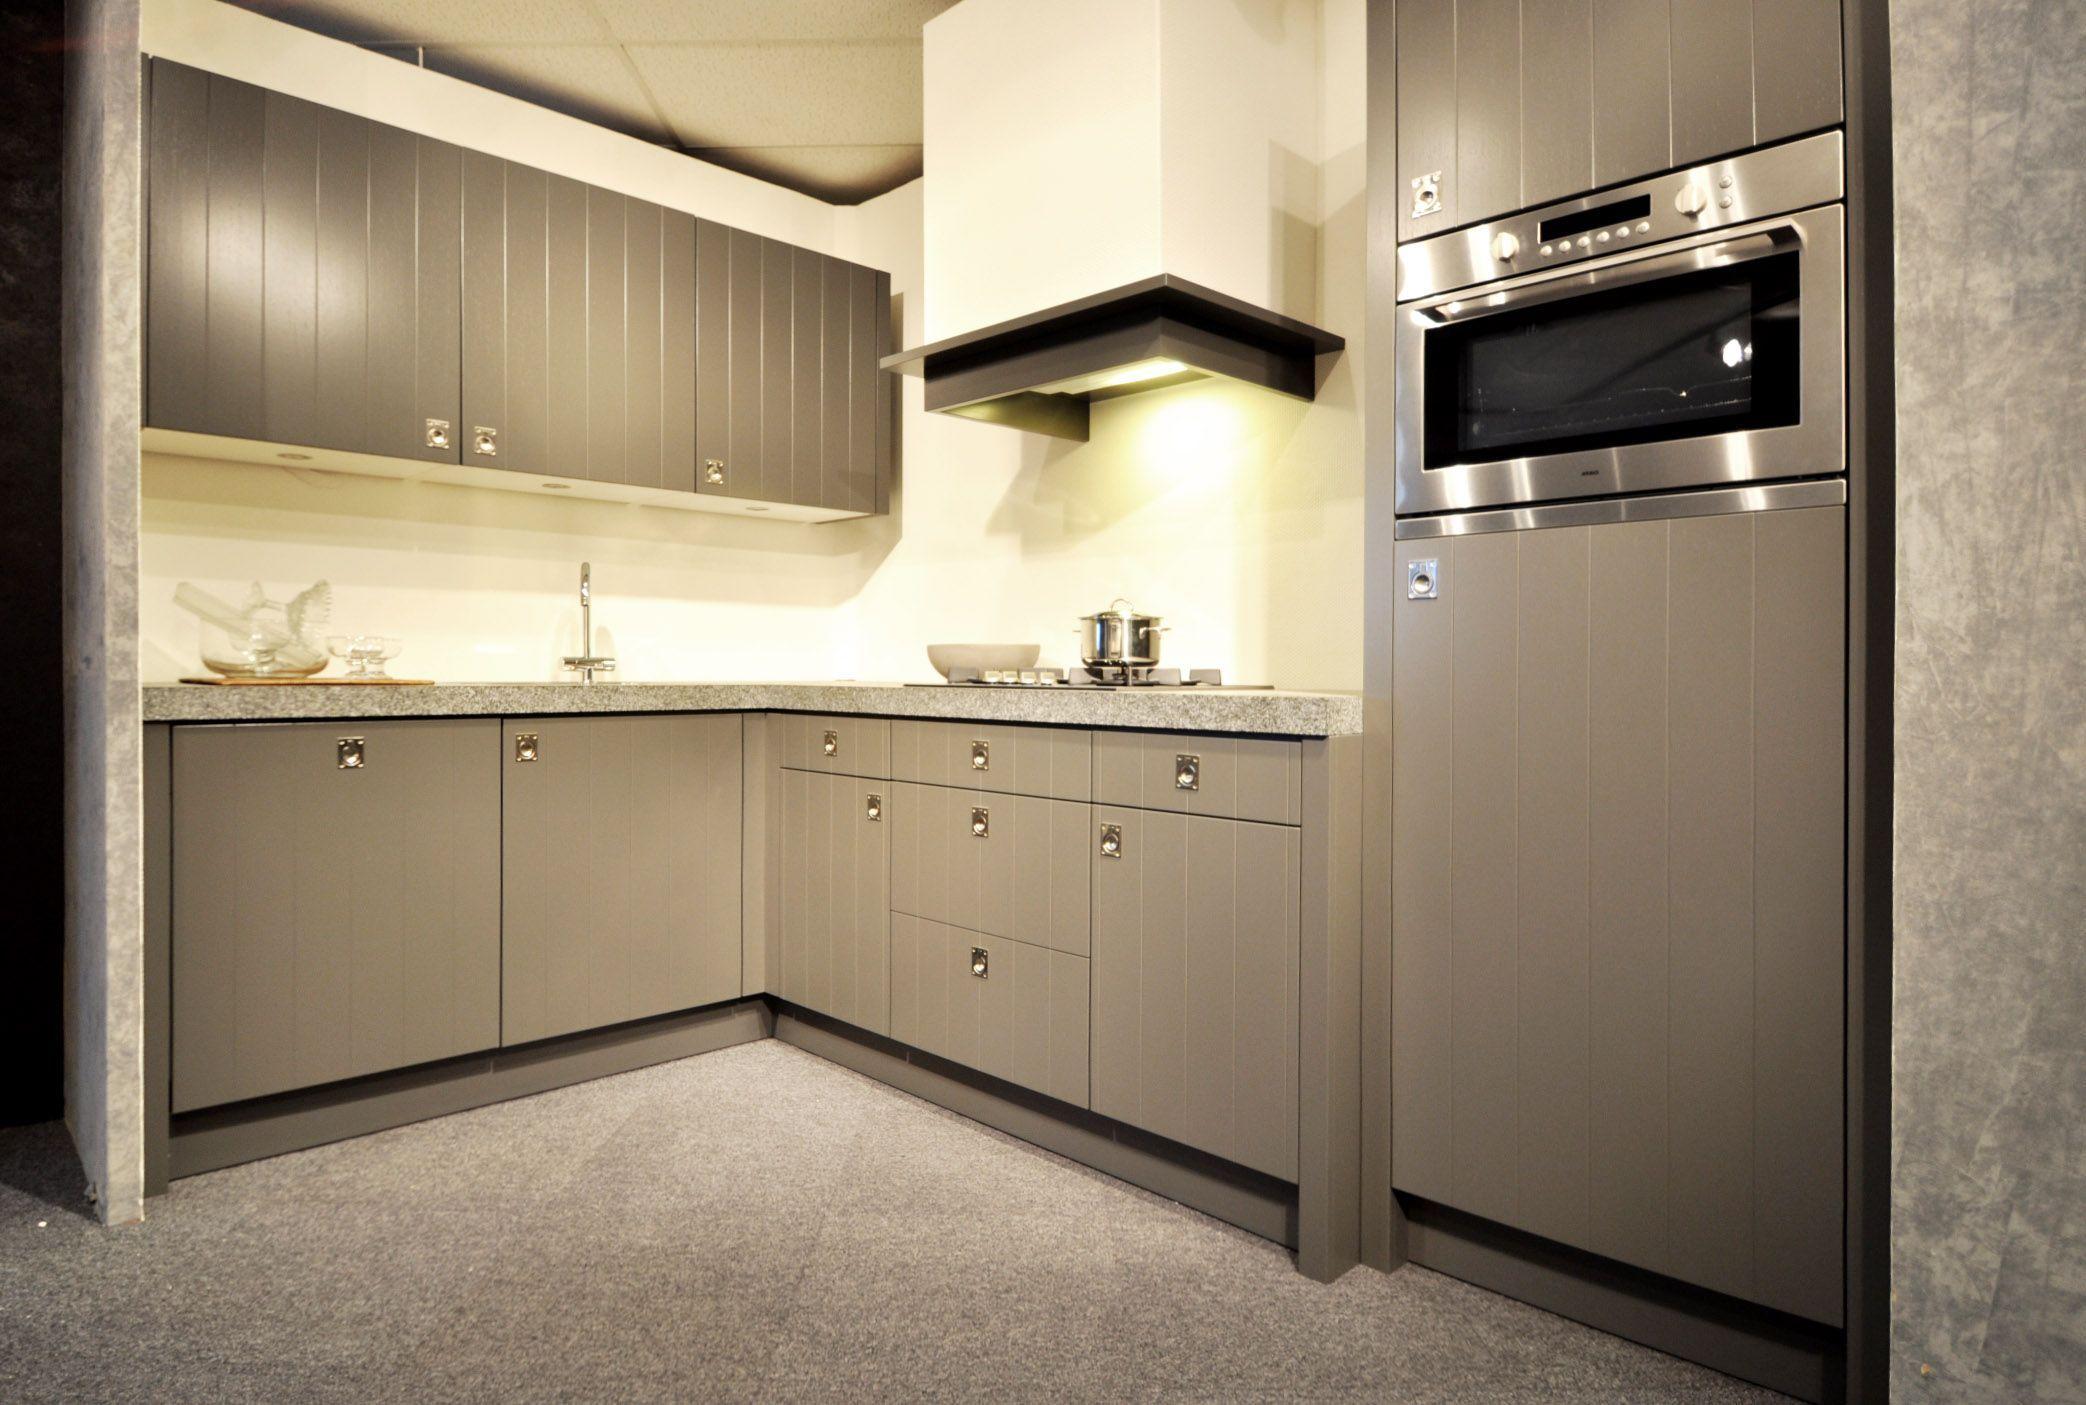 Landelijk Hoek Keuken : Keller hoekkeuken landelijk cornwal grijs de keuken